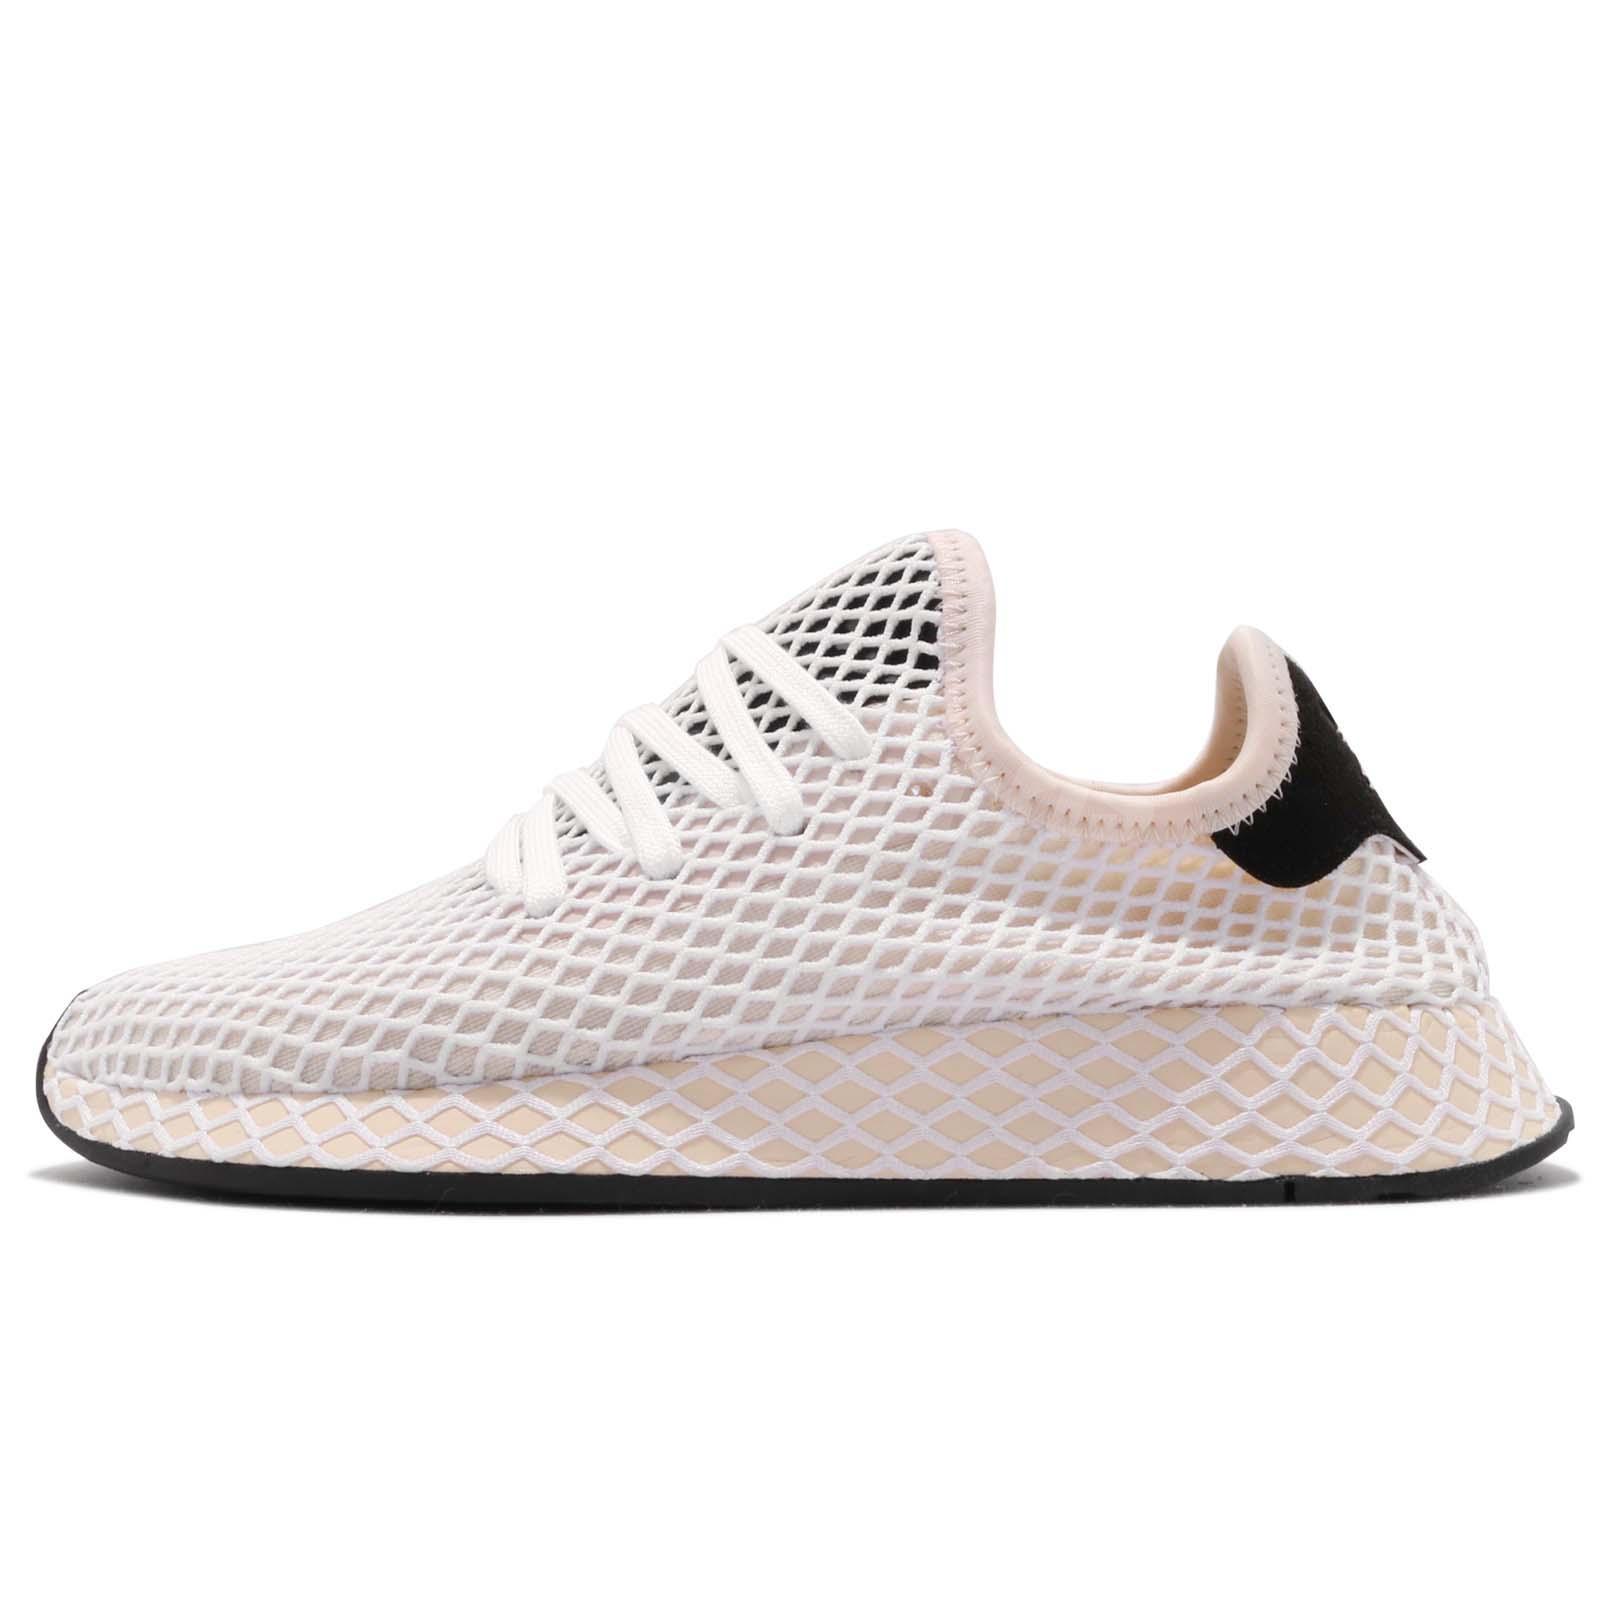 new arrival 8d41d 8e7d8 adidas Originals Deerupt Runner W Linen Ecru Tint Women Running Shoes CQ2913